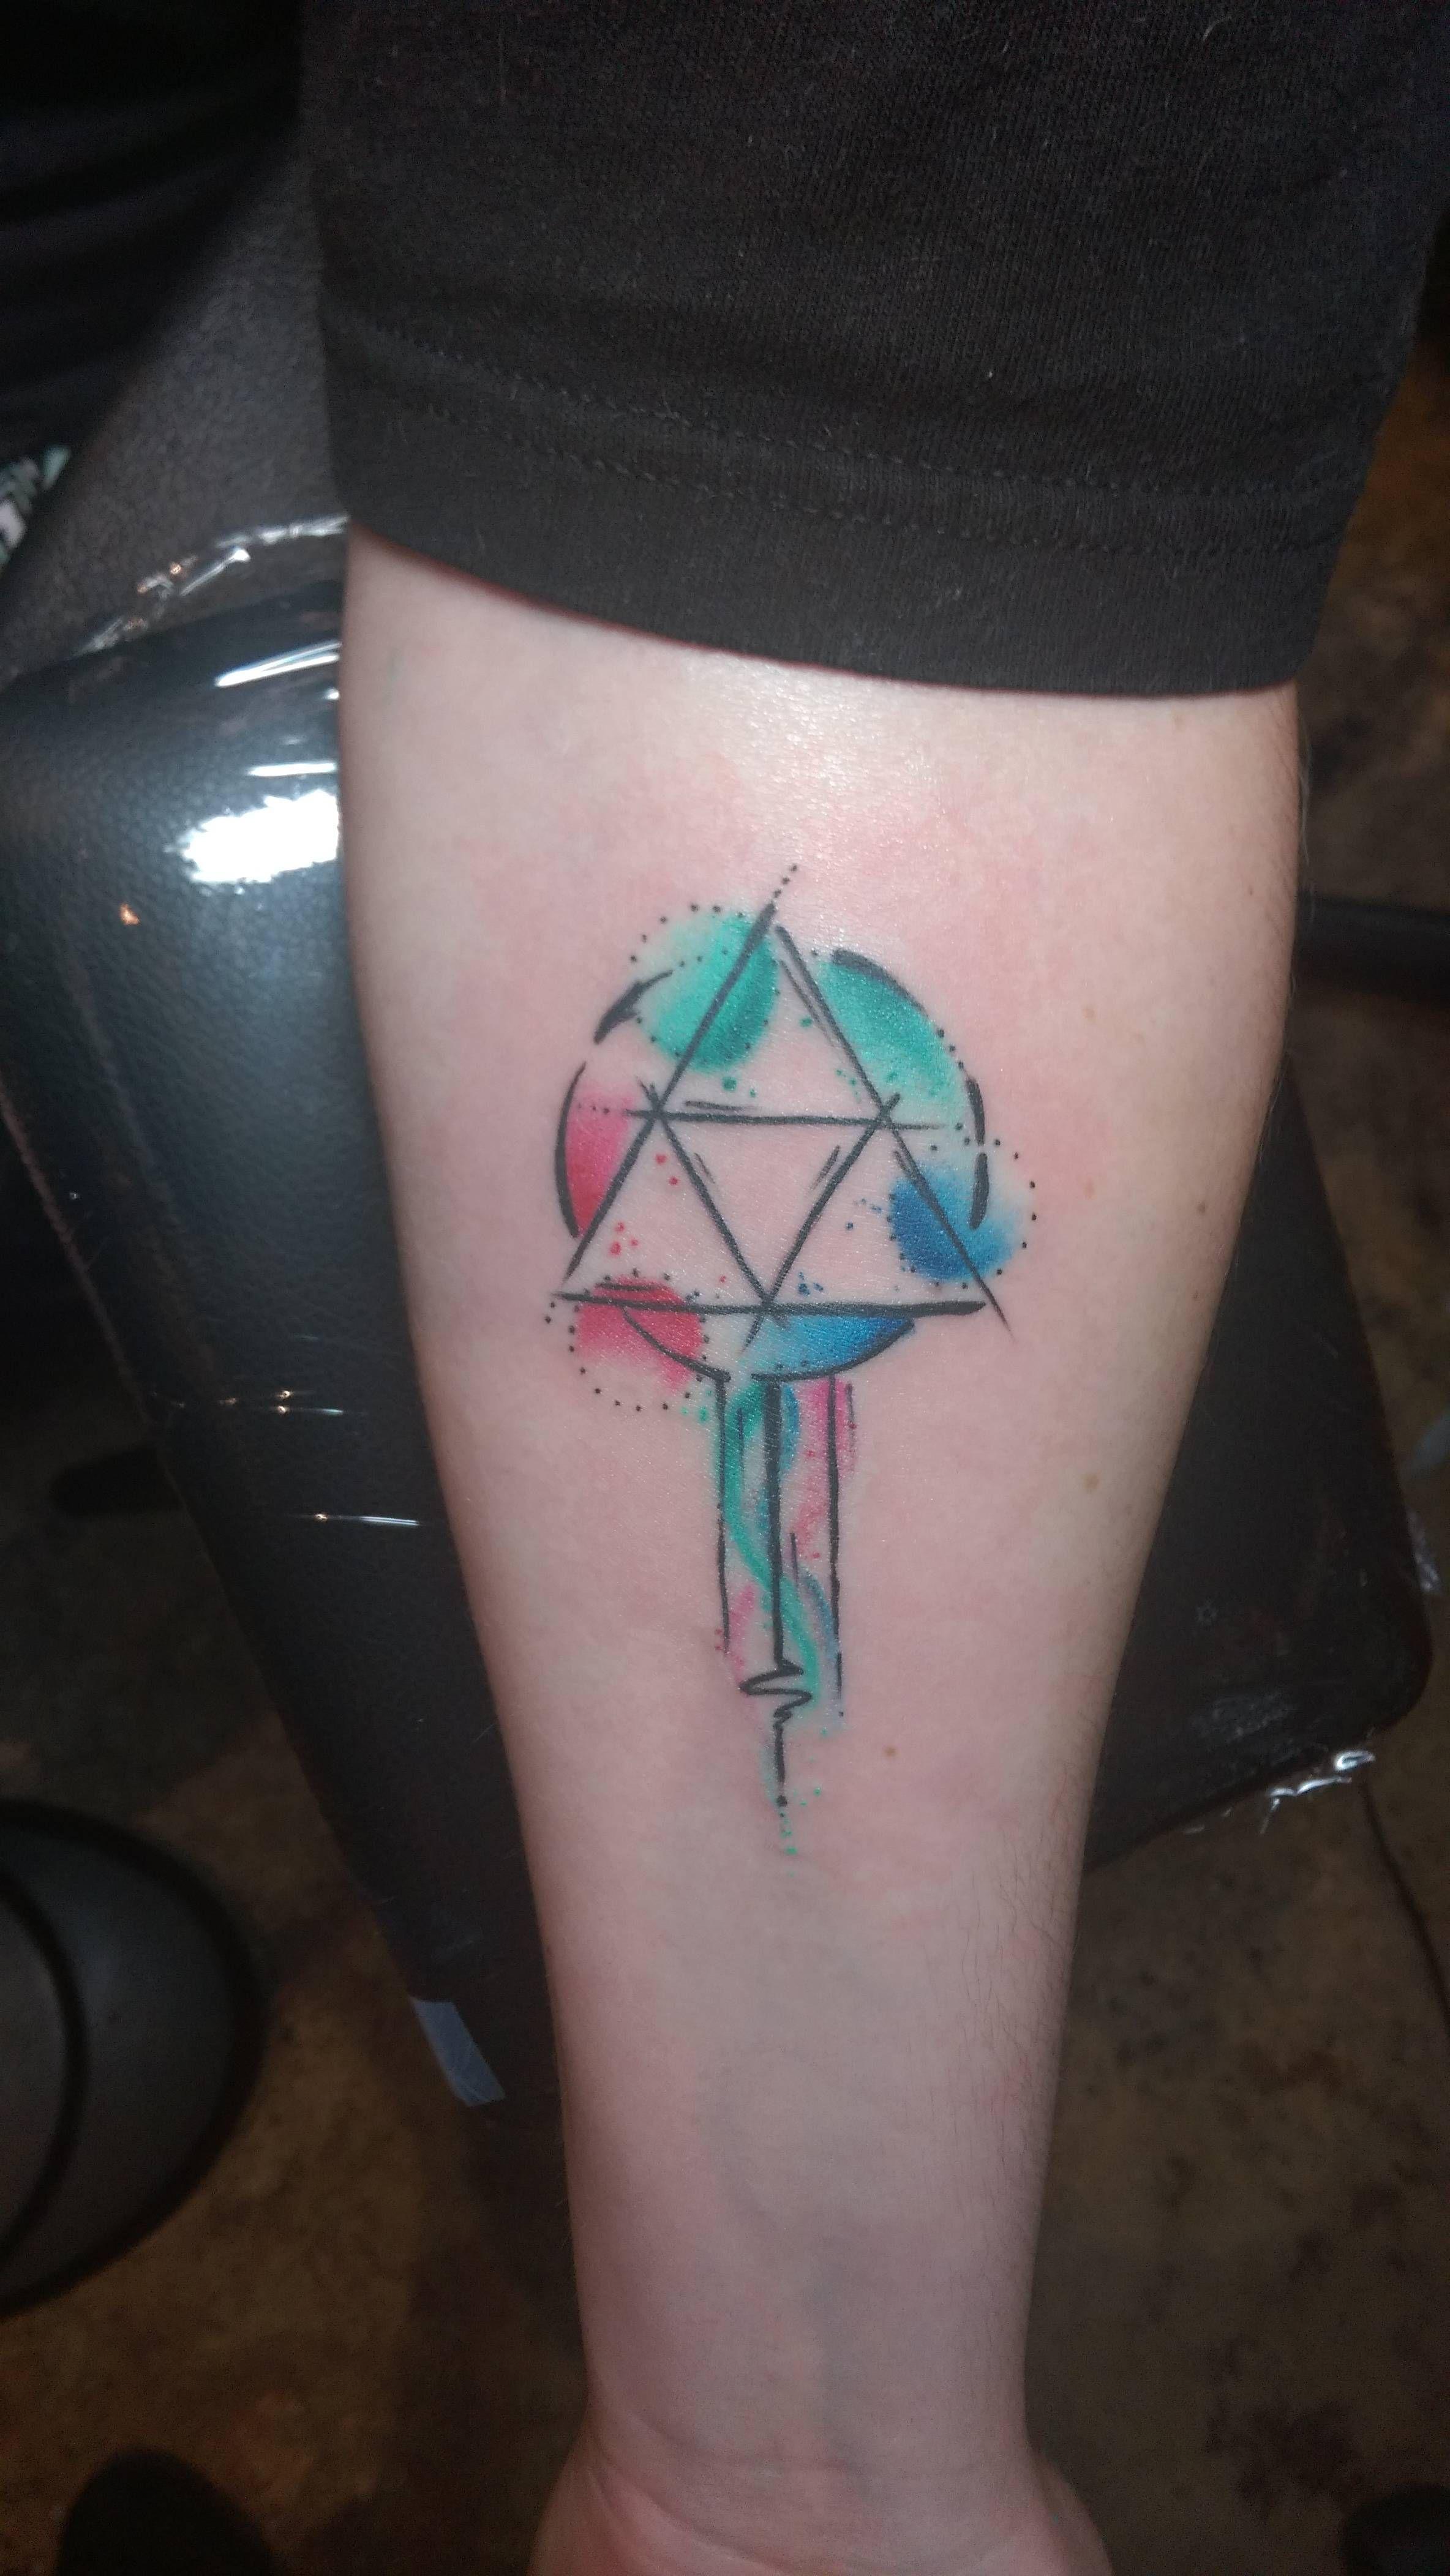 New Triforce Tattoo Done By Kayleigh At Revolution Ink Pelham Al Tattoos Small Wrist Tattoos Zelda Tattoo